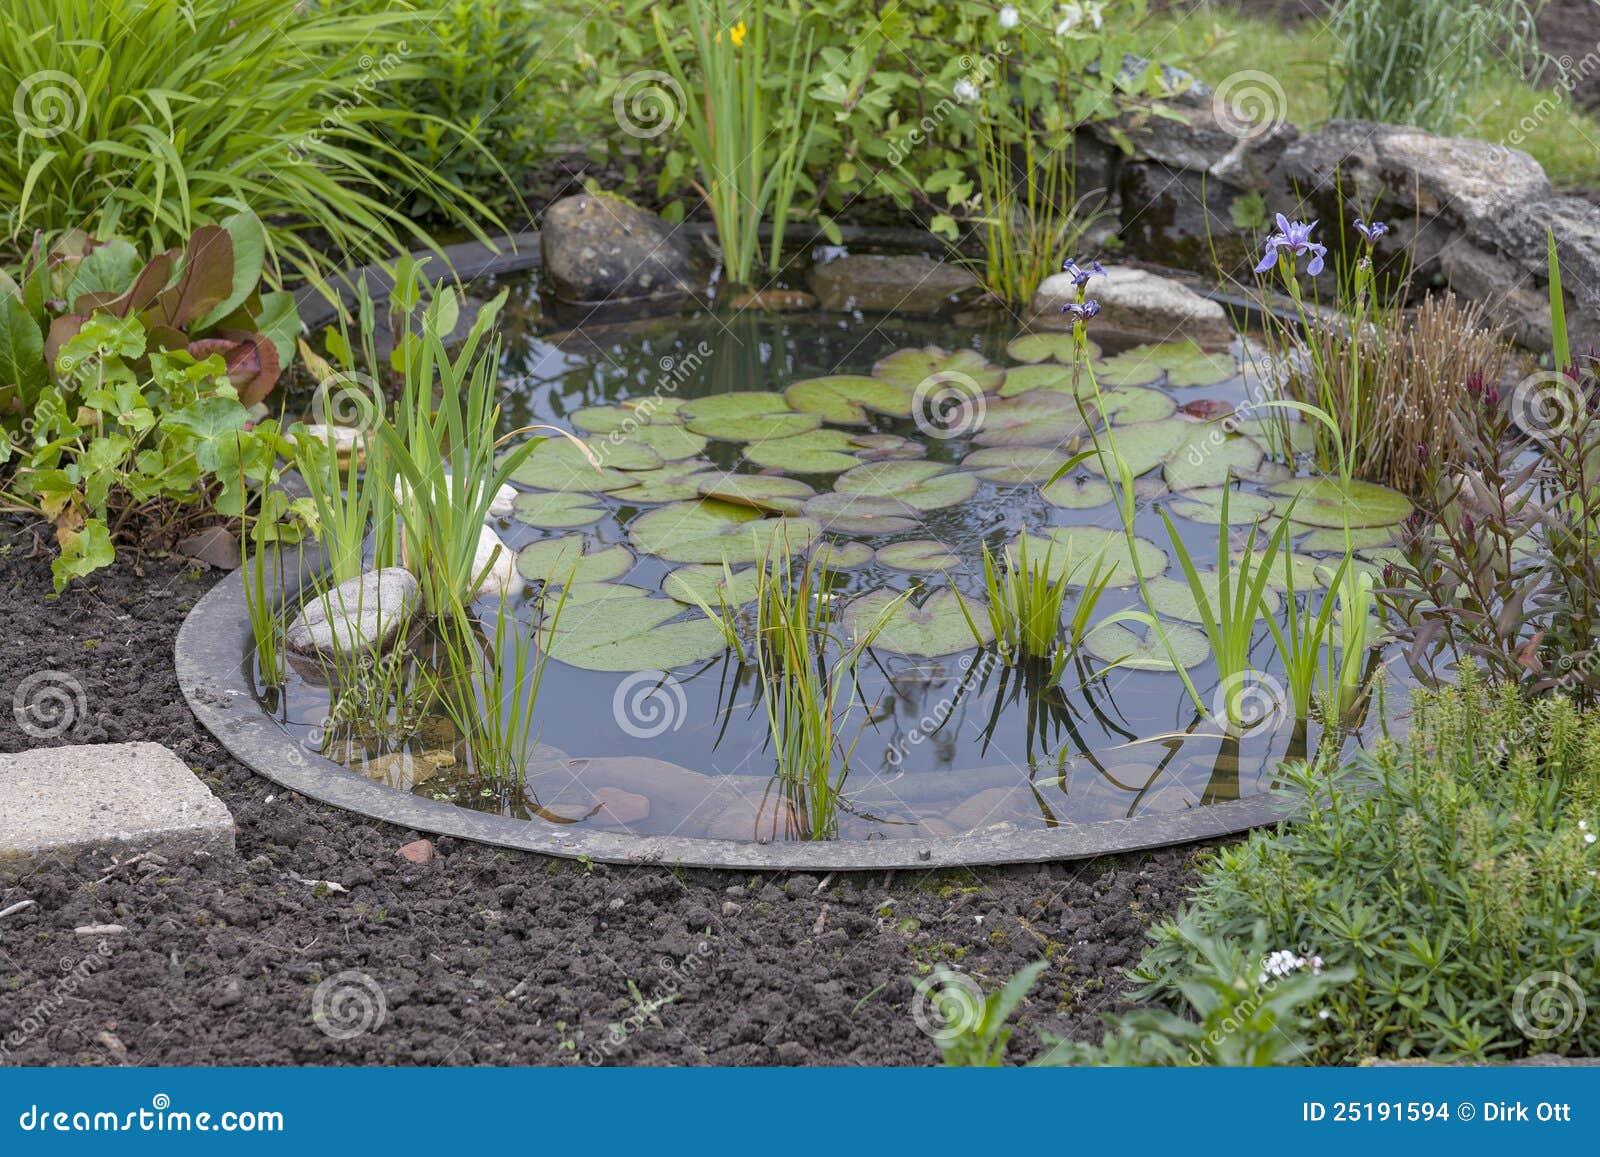 Jardin de maison avec l 39 tang images stock image 25191594 for Photo de jardin de maison